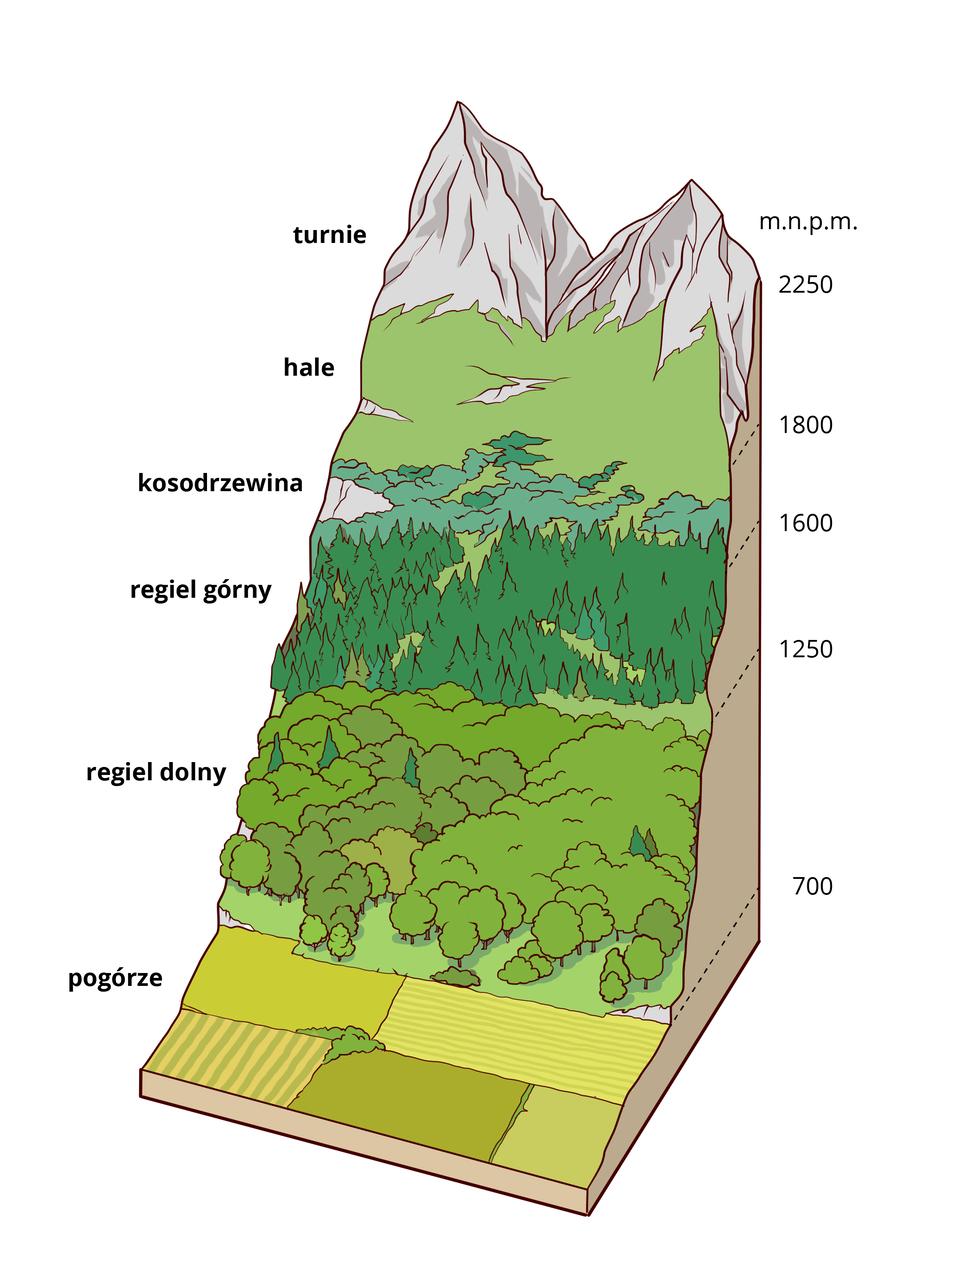 Ilustracja prezentuje układ pięter roślinności wgórach. Upodnóża gór poniżej 700 mznajduje się piętro pogórza zpolami iłąkami. Na wysokości od 700 do 1250 mjest regiel dolny zlasami mieszanymi. Na wysokości 1250 do 1600 mjest regiel górny zlasami iglastymi. Na wysokości 1600 do 1800 mznajduje się piętro kosodrzewiny. Pomiędzy wysokością 1800 a2250 mjest piętro hal złąkami. Powyżej 2250 mznajduj się piętro turni znagimi skałami iszczytami.